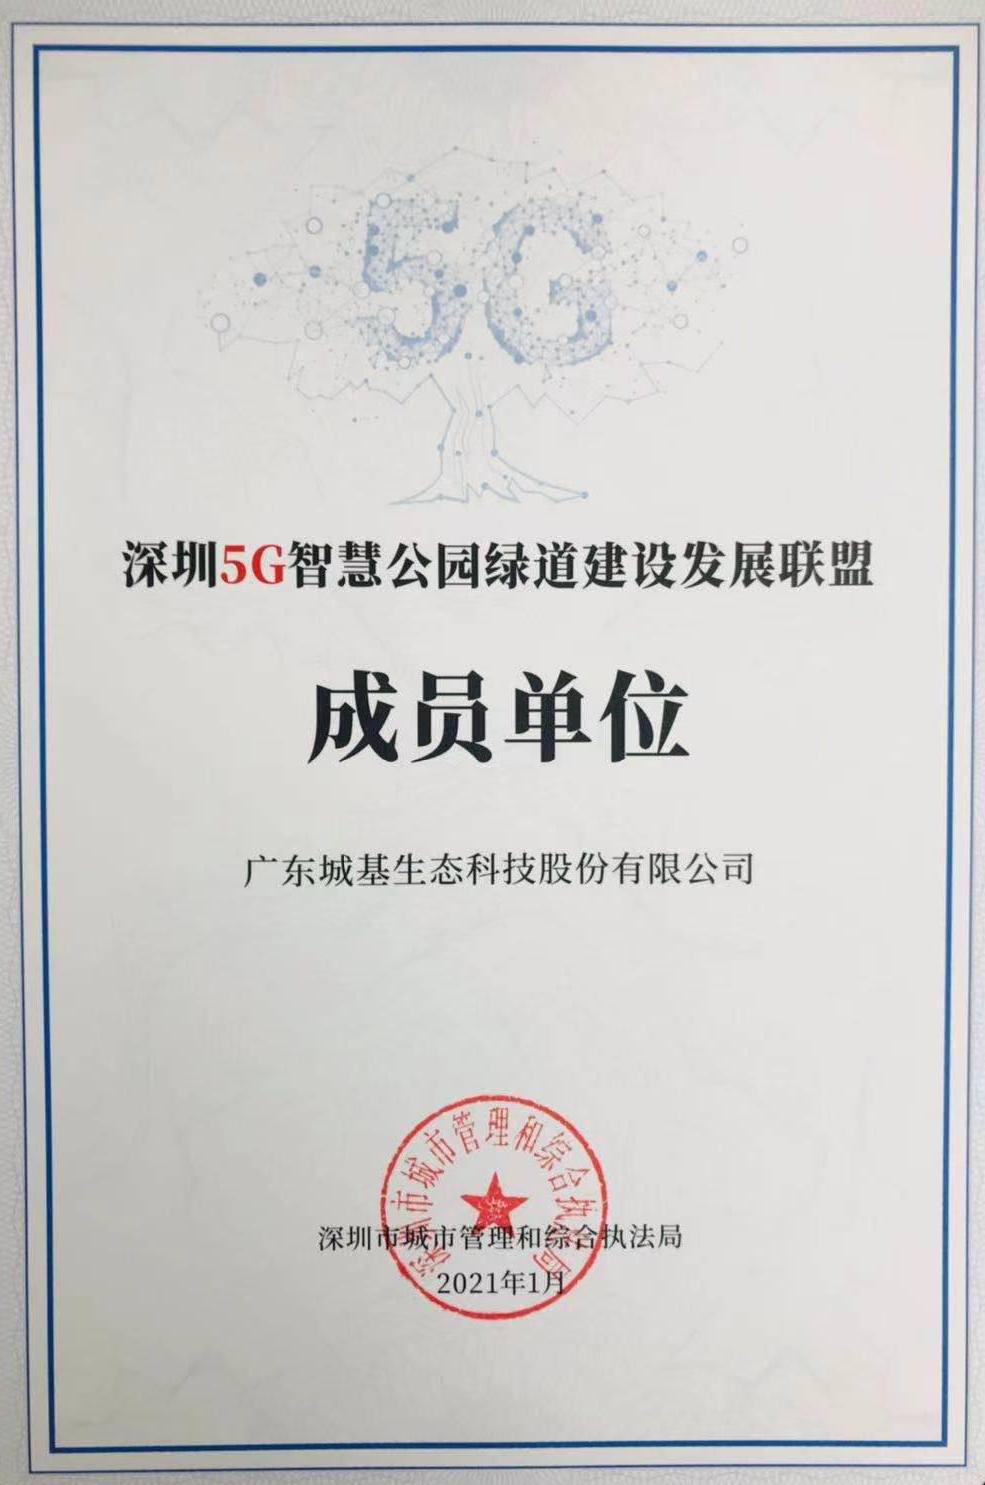 城基生态获深圳首批5G智慧公园建设单位